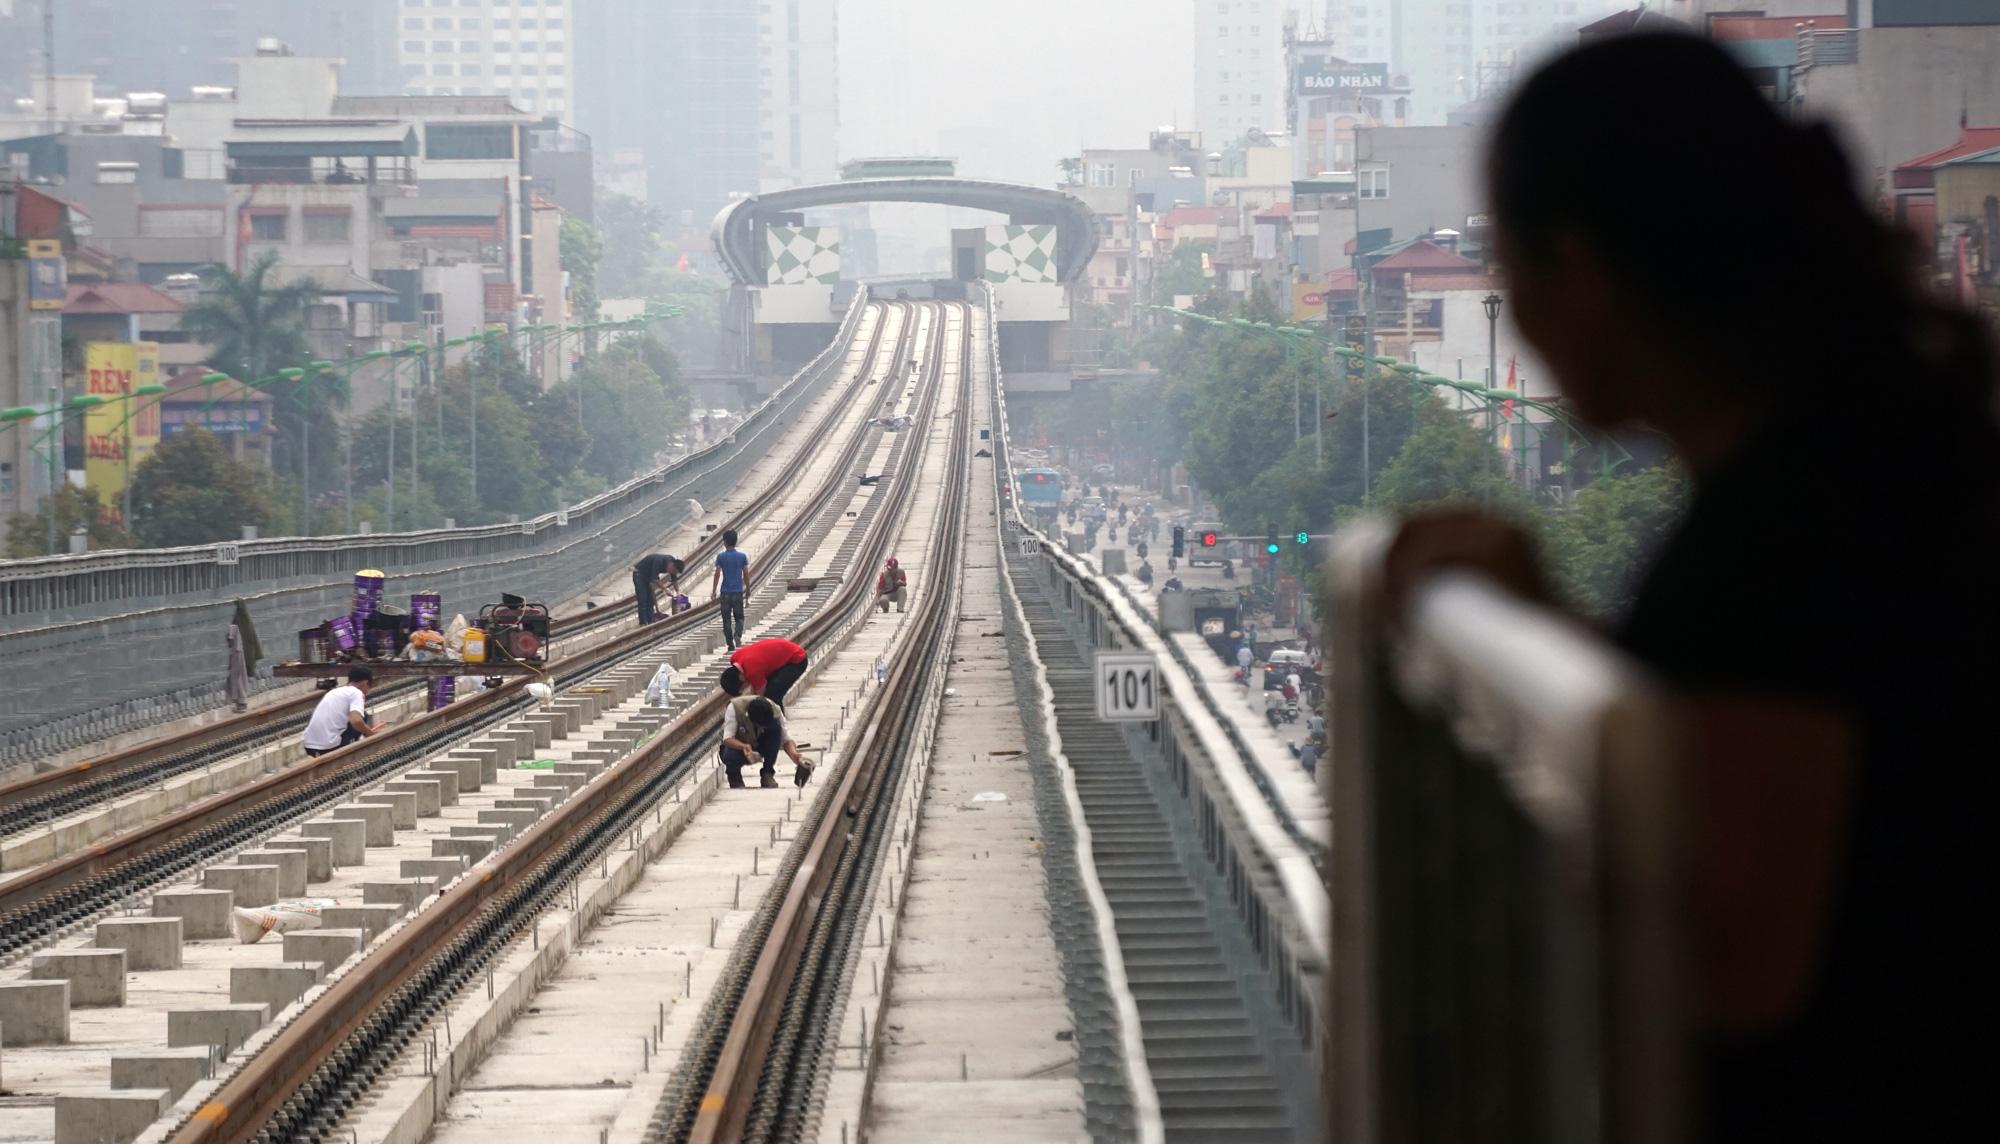 Dễ 'vỡ kế hoạch' chạy thử đường sắt Cát Linh - Hà Đông trong tháng 2 vì dịch virus corona - Ảnh 2.